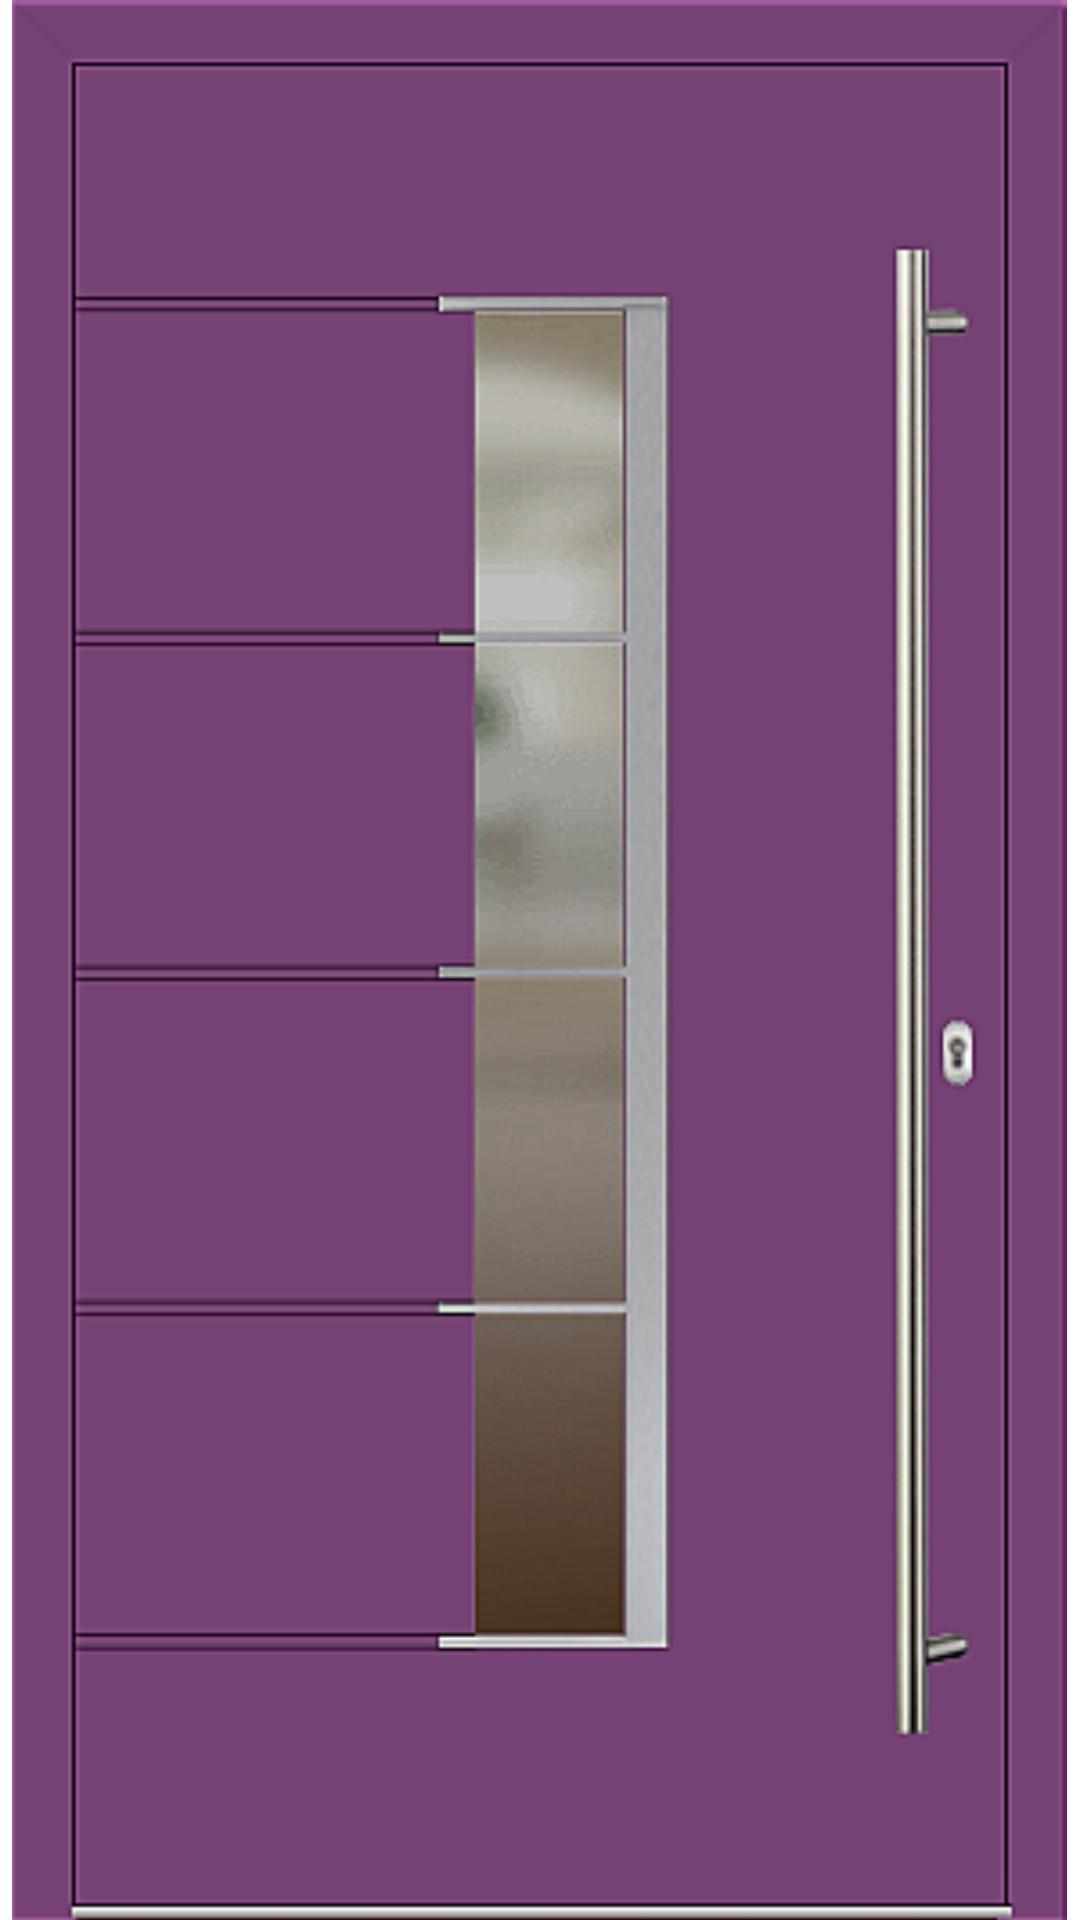 Holz-Alu Haustür Modell 66535 singalviolett